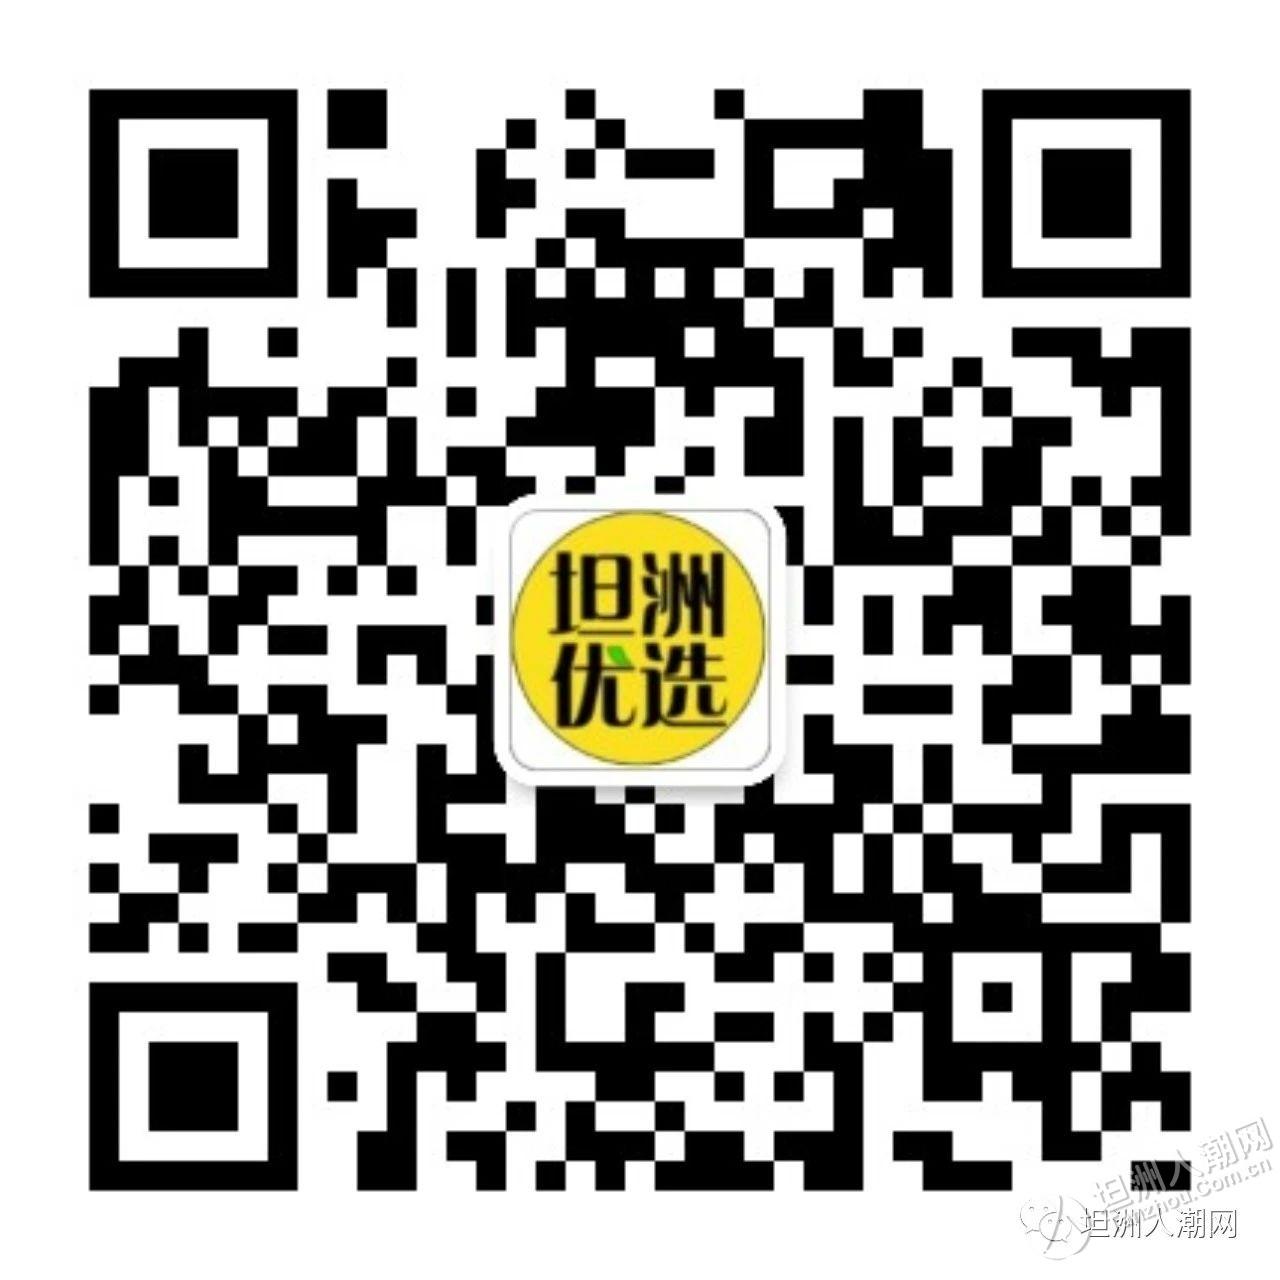 【人潮电影月05】| 阔别7年爆笑回归!与《疯狂原始人2》来一场冒险旅行吧!